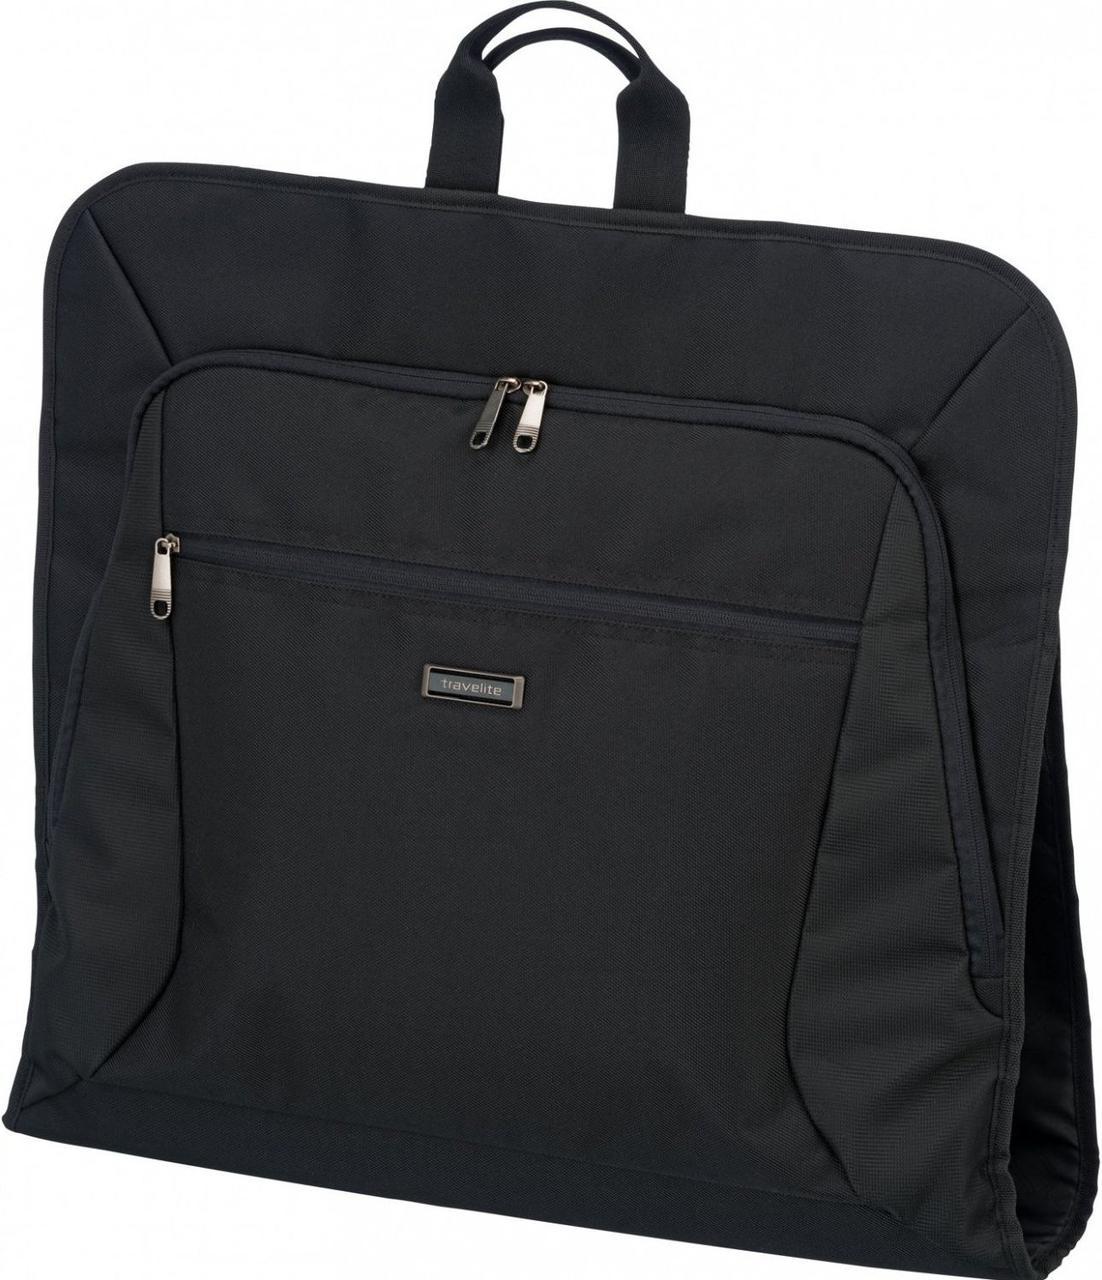 Чехол для одежды  Travelite MOBILE TL001717-01, черный